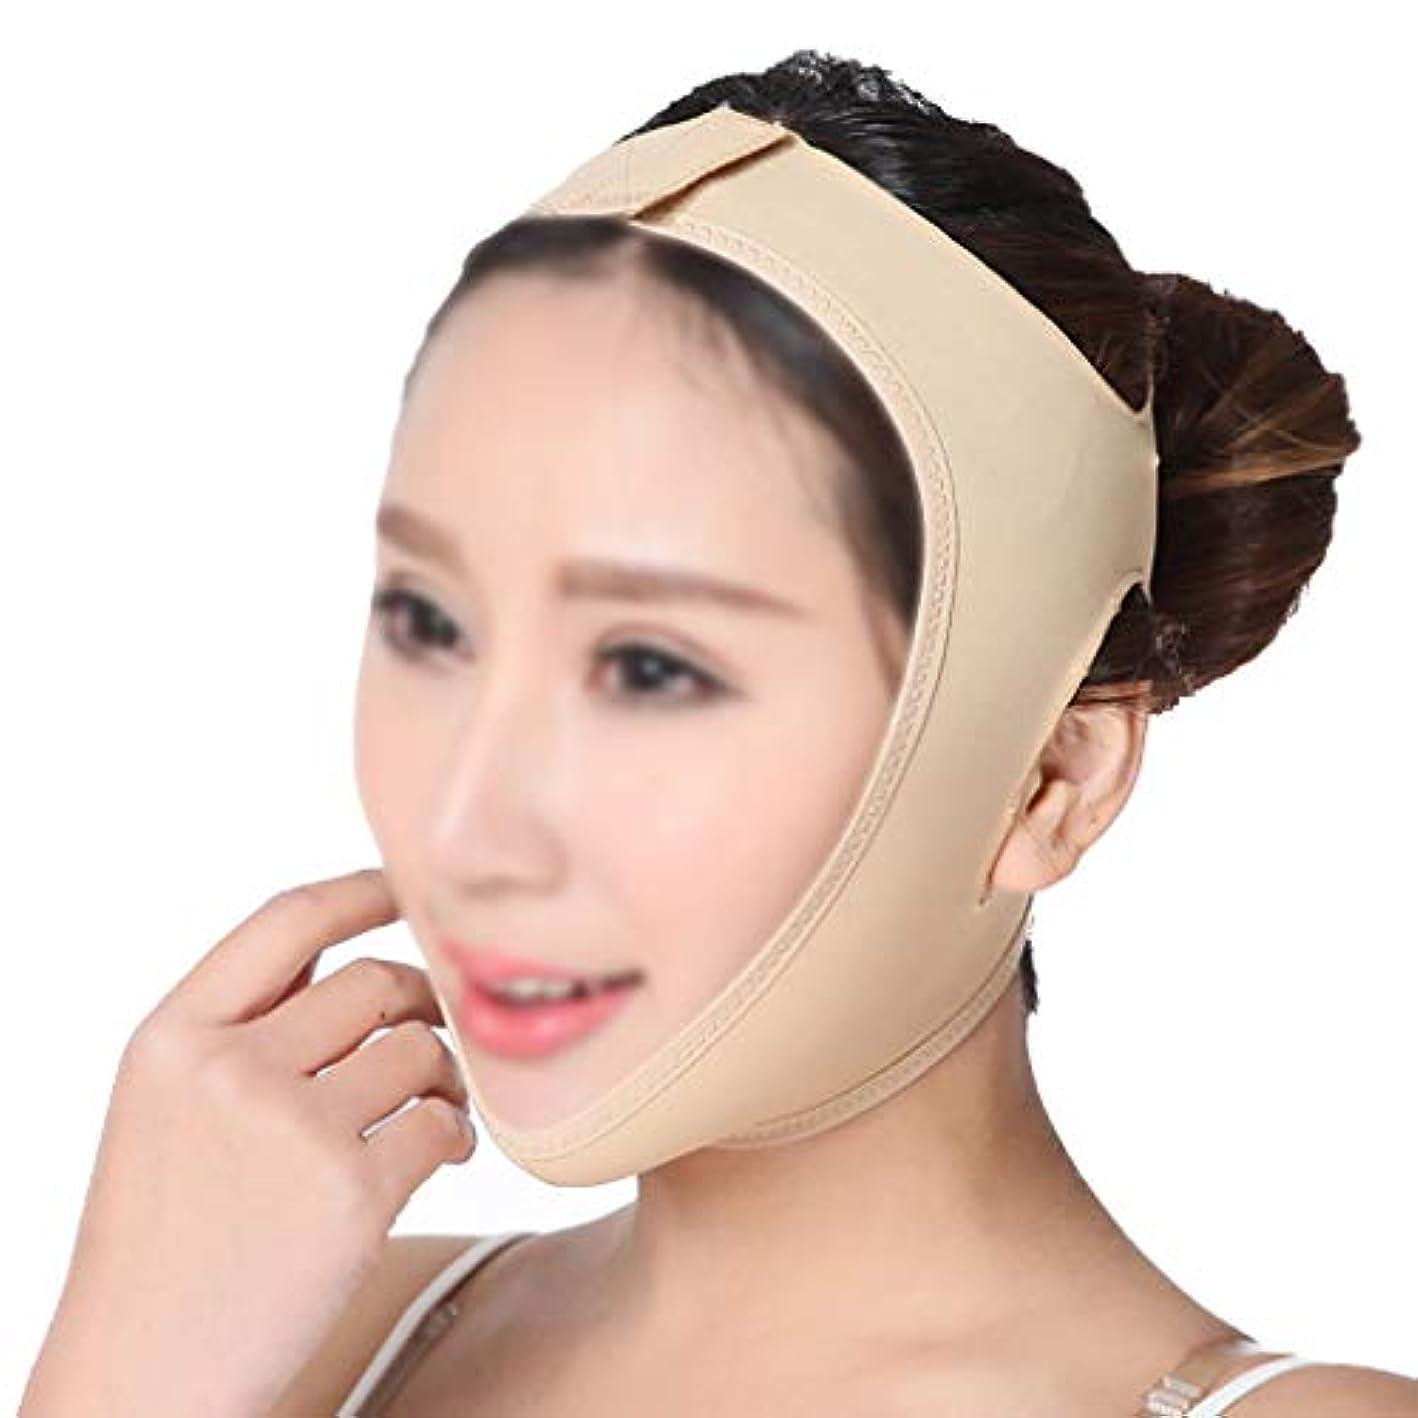 持続的以前は割り込みフェイスリフティングマスク、持ち上がるあごと顔の肌、垂れ下がるのを防ぐ頬、快適で通気性のある生地、詰まることを拒否、身に着けやすい (Size : XL)